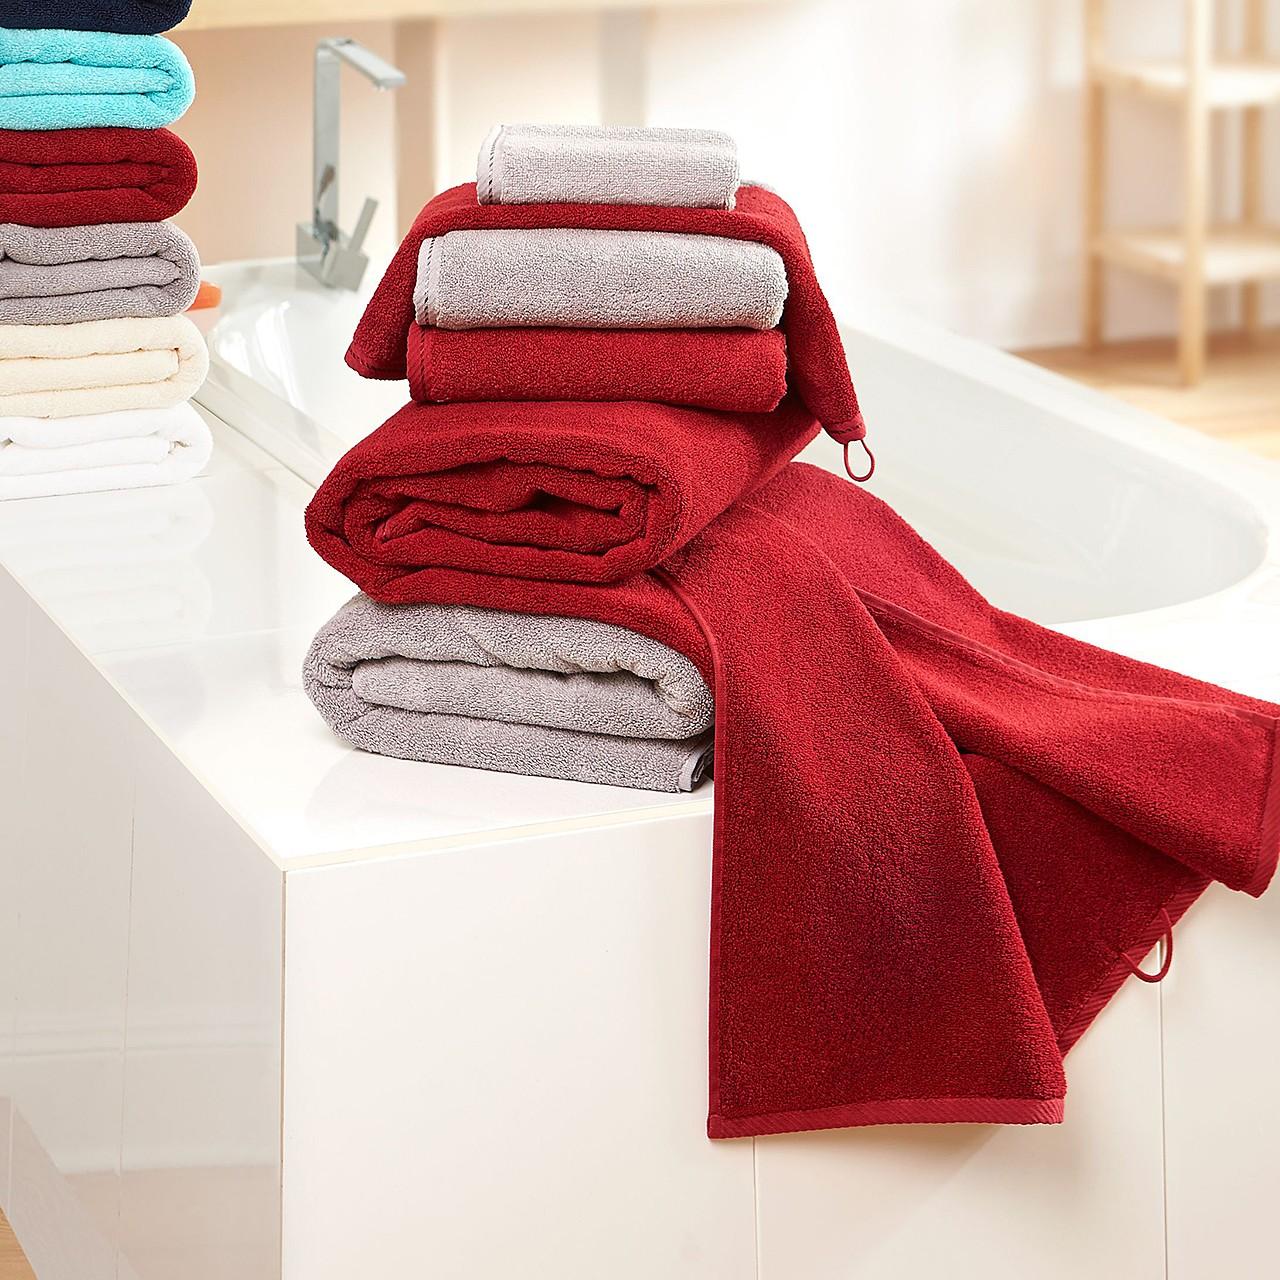 Flauschiges Handtuch Myrtle Beach® | bedrucken, besticken, bedrucken lassen, besticken lassen, mit Logo |